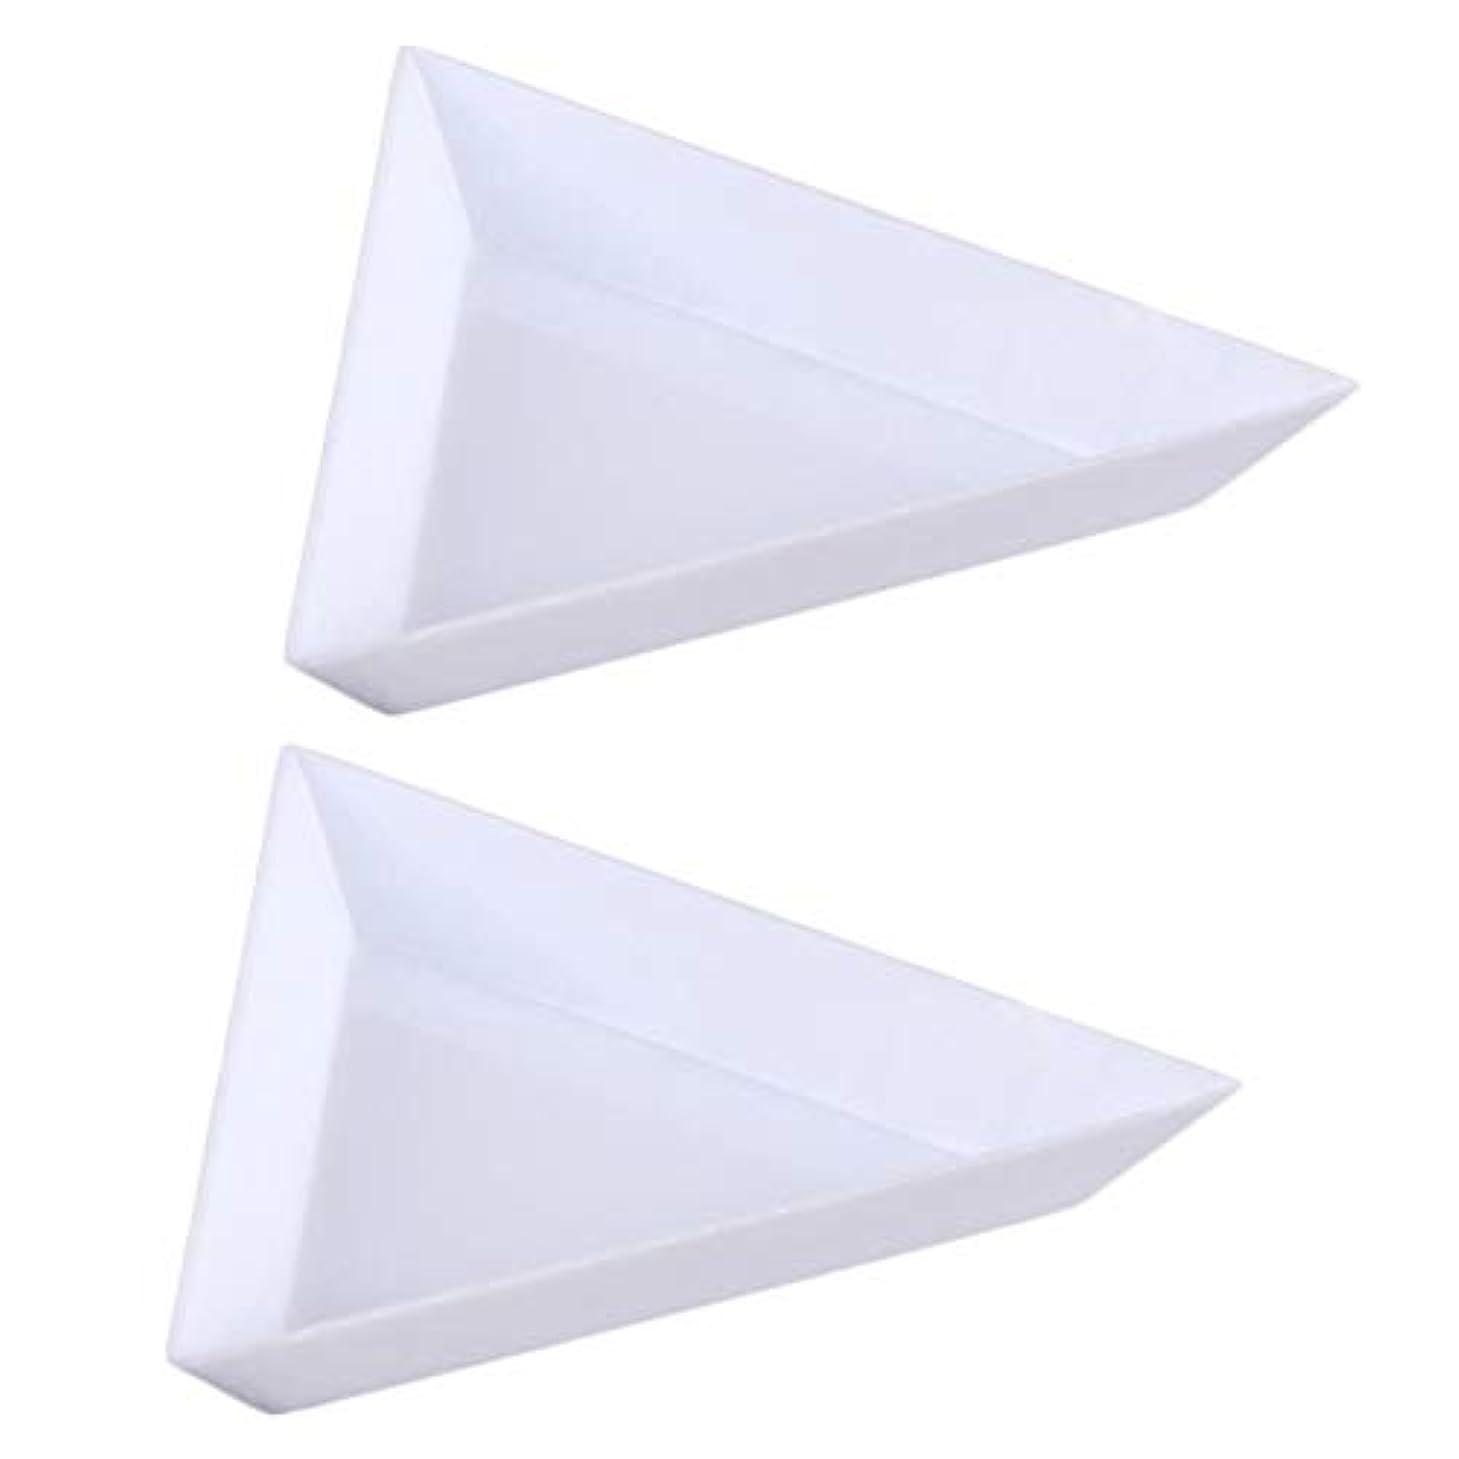 タッチハウジング回転させるCUHAWUDBA 10個三角コーナープラスチックラインストーンビーズ 結晶 ネイルアートソーティングトレイアクセサリー白 DiyネイルアートデコレーションDotting収納トレイ オーガニゼーションに最適